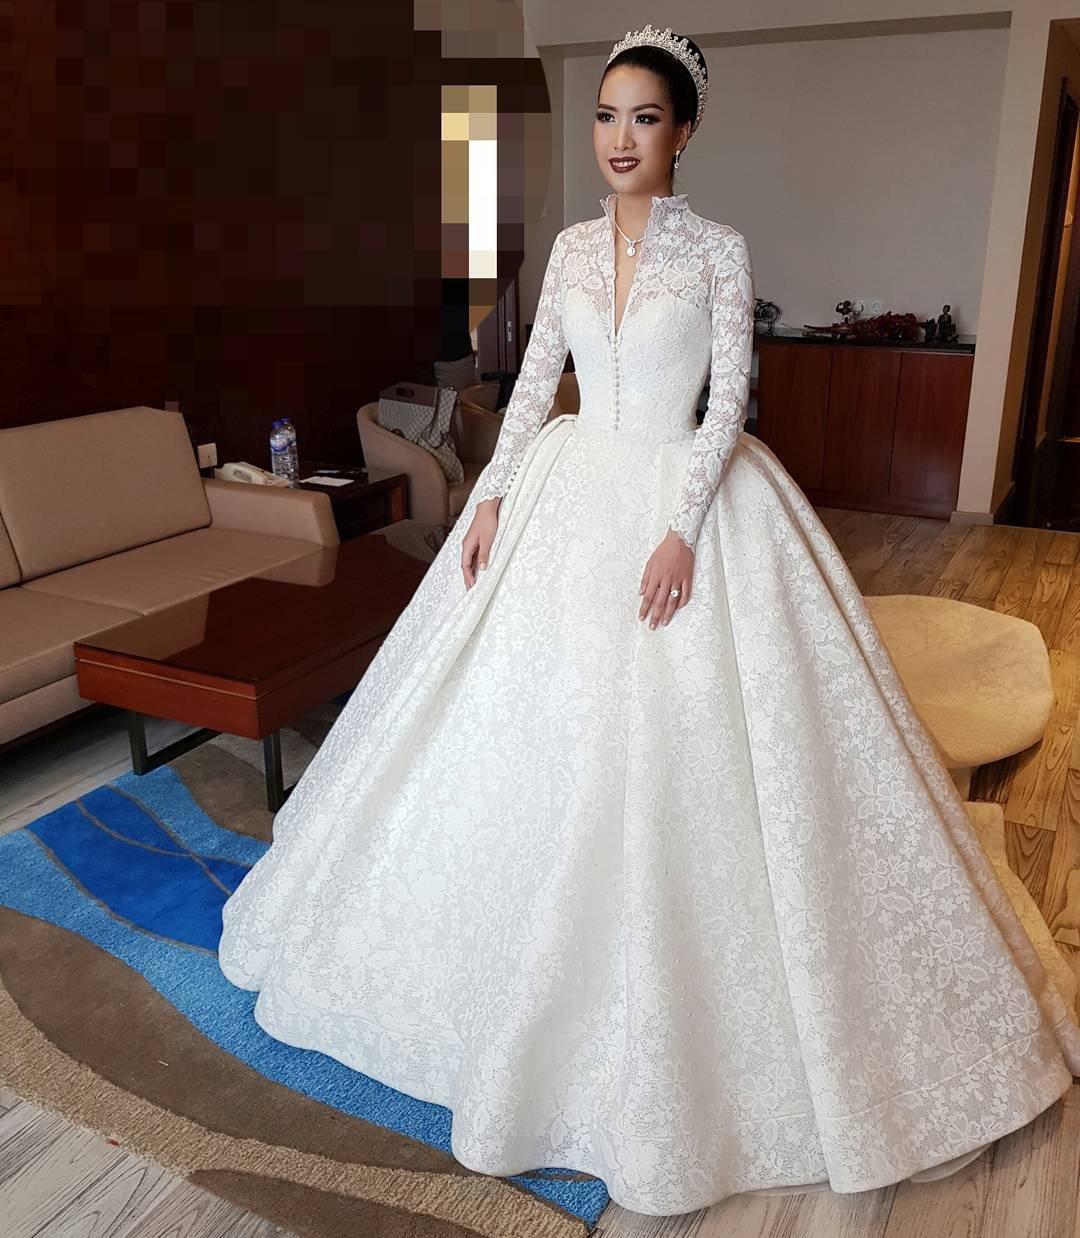 تصميم فخم لفستان زفاف ذو رقبة مرتفعة